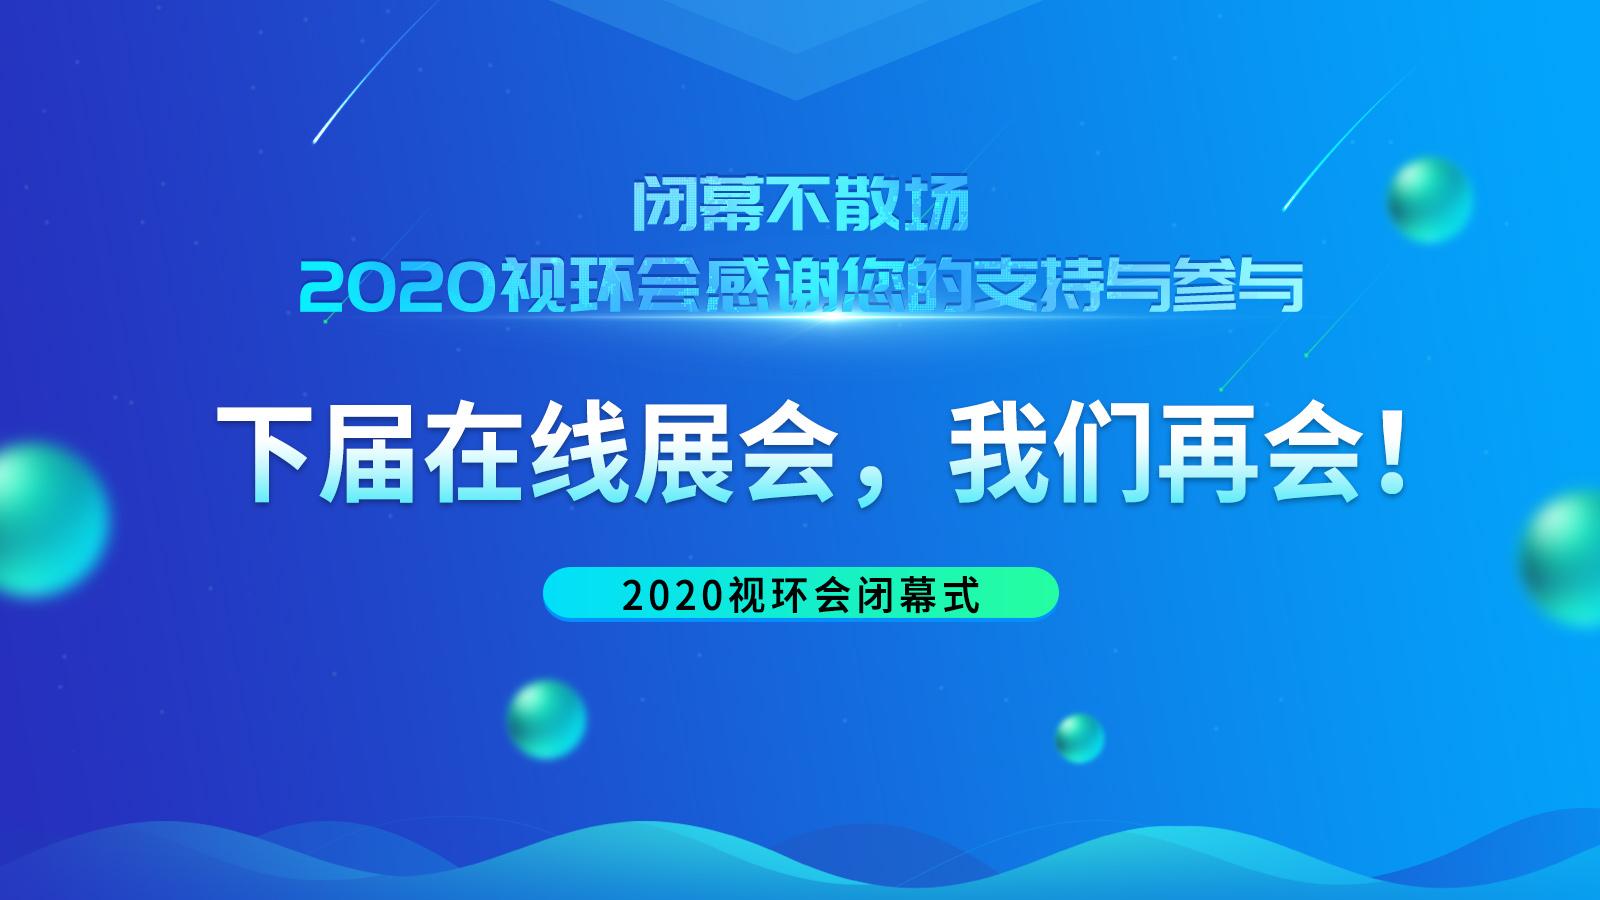 2020视环会-雷竞技官网手机版下载产业在线展会闭幕式